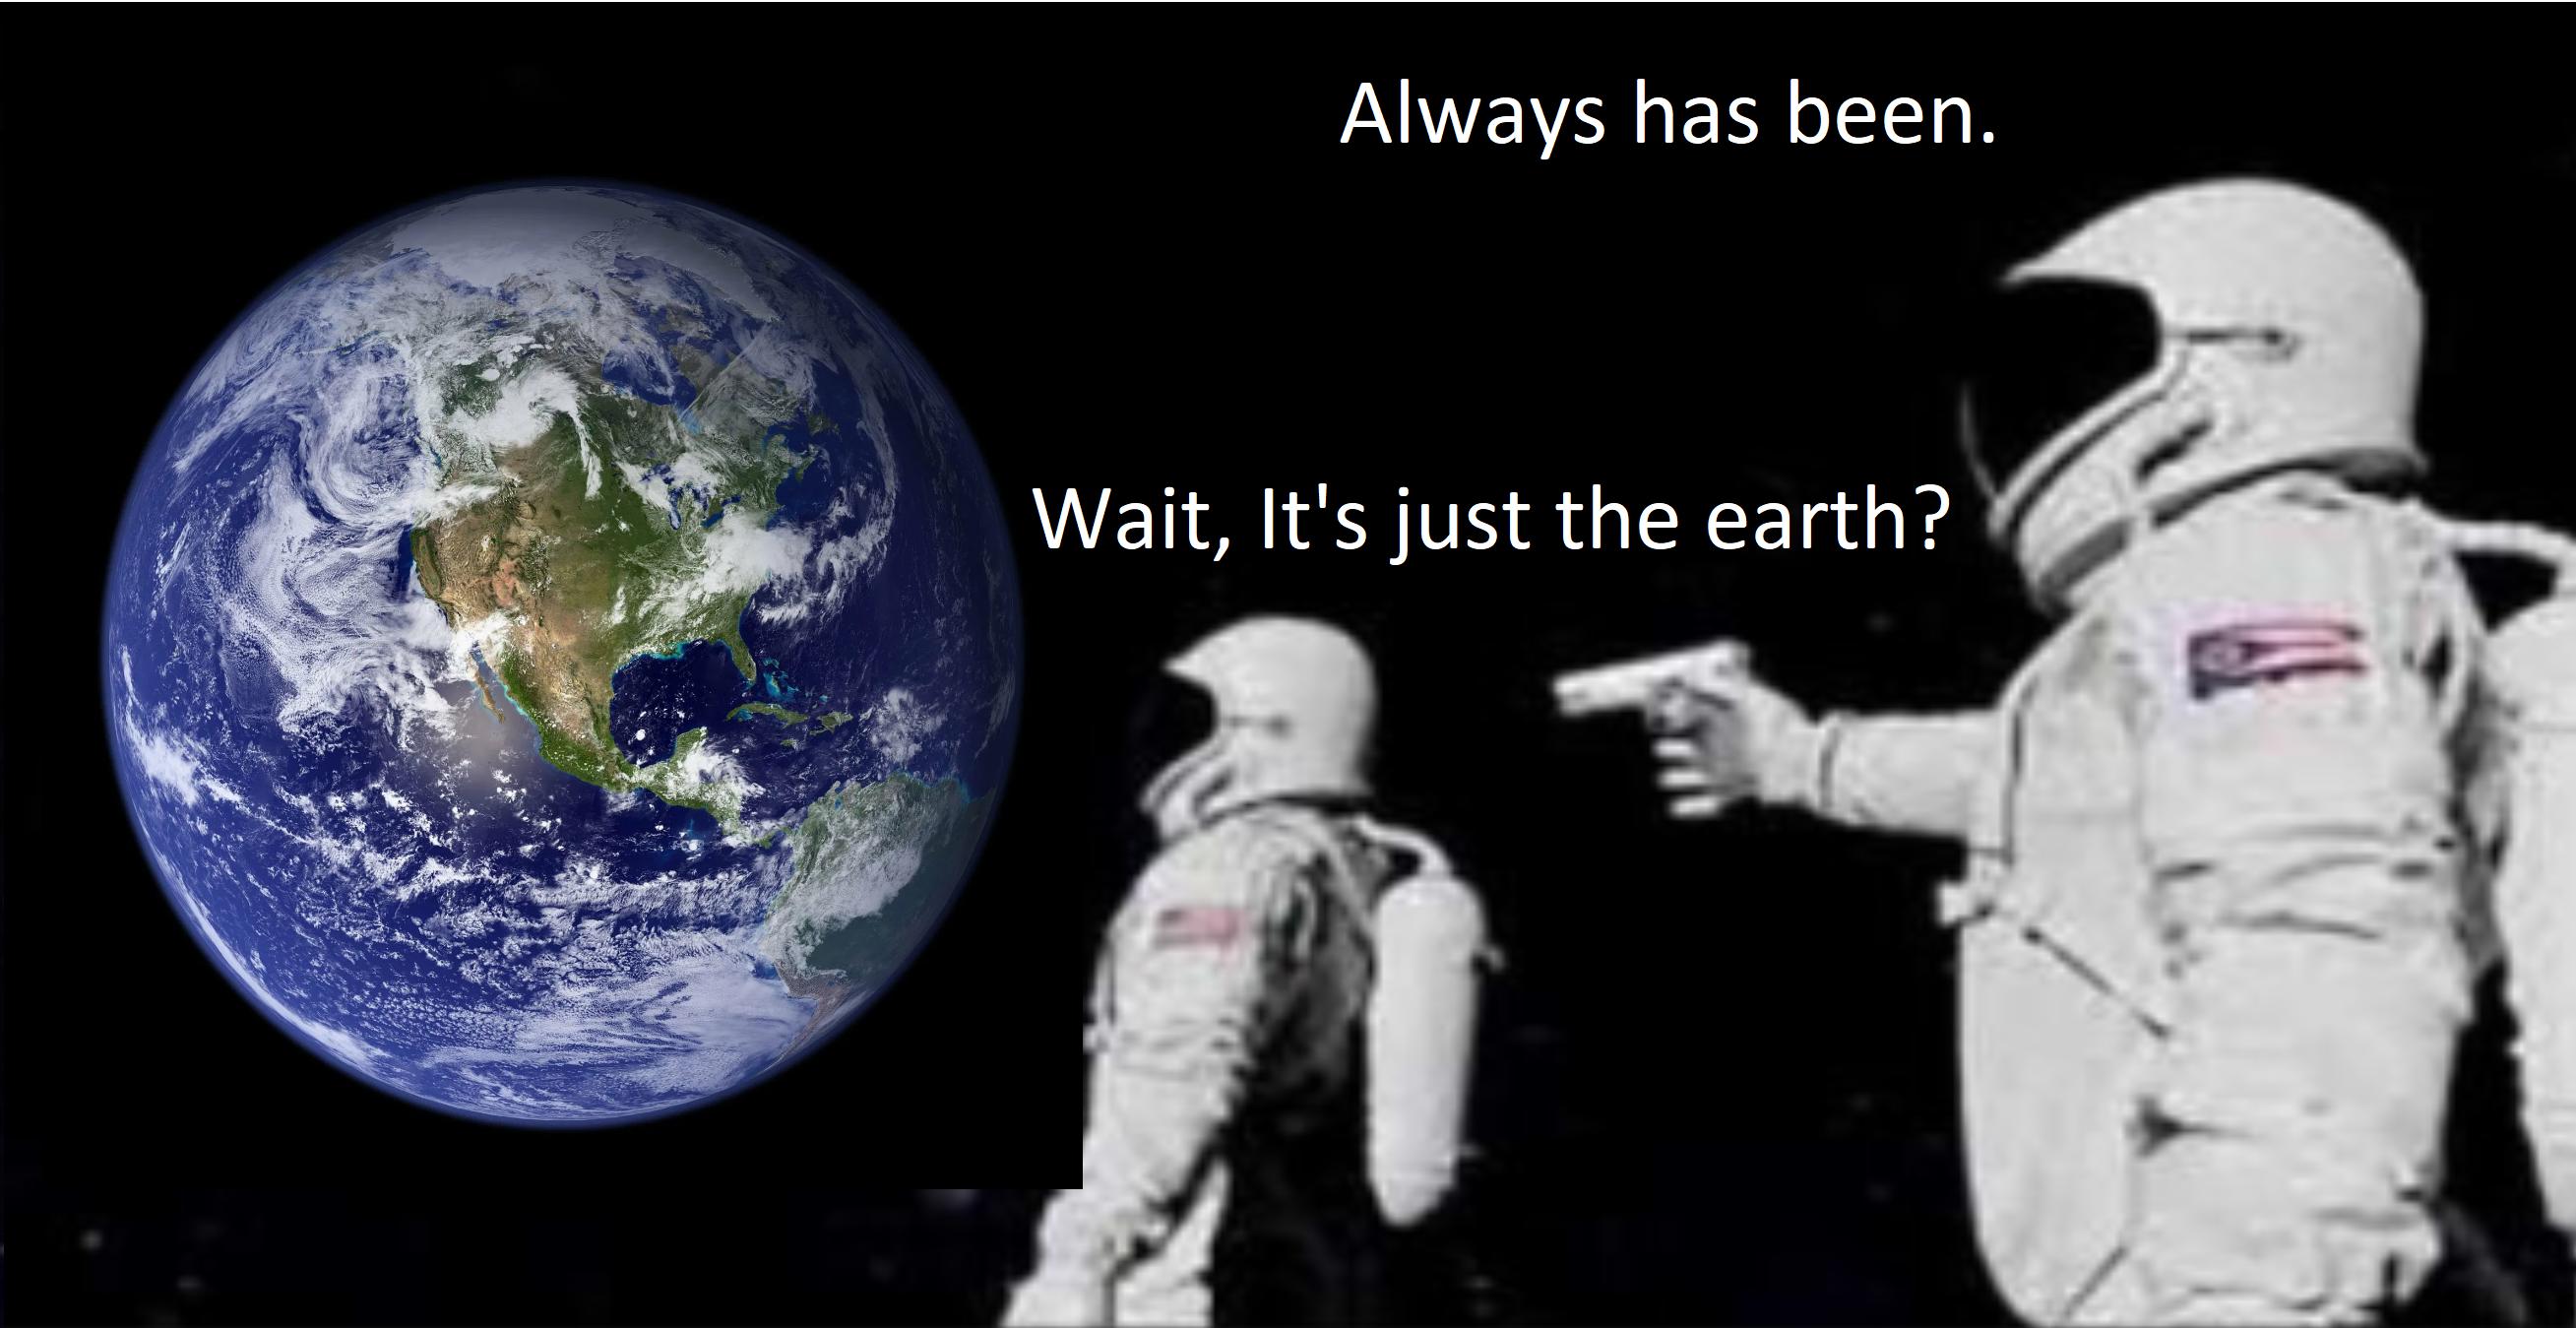 its all earth meme, its all just earth meme, its all earth astronaut meme, always has been meme, always has been memes, astronaut gun meme, astronaut gun memes, wait its all meme, wait its all memes, wait its all always has been meme, wait its all always has been memes, astronaut with a gun meme, astronaut with a gun memes, astronaut with gun meme, astronaut with gun memes, astronaut conspiracy meme, astronaut conspiracy memes, space conspiracy meme, space conspiracy memes, funny astronaut gun meme, funny astronaut with gun meme, funny astronaut gun memes, funny astronaut with gun memes, funny always has been meme, funny always has been memes, funny wait its all meme, funny wait its all memes, funny astronaut meme, funny astronaut memes, conspiracy theory meme, conspiracy theory memes, conspiracy theories meme, conspiracy theories memes, funny conspiracy theory meme, funny conspiracy theory memes, funny conspiracy theories meme, funny conspiracy theories memes